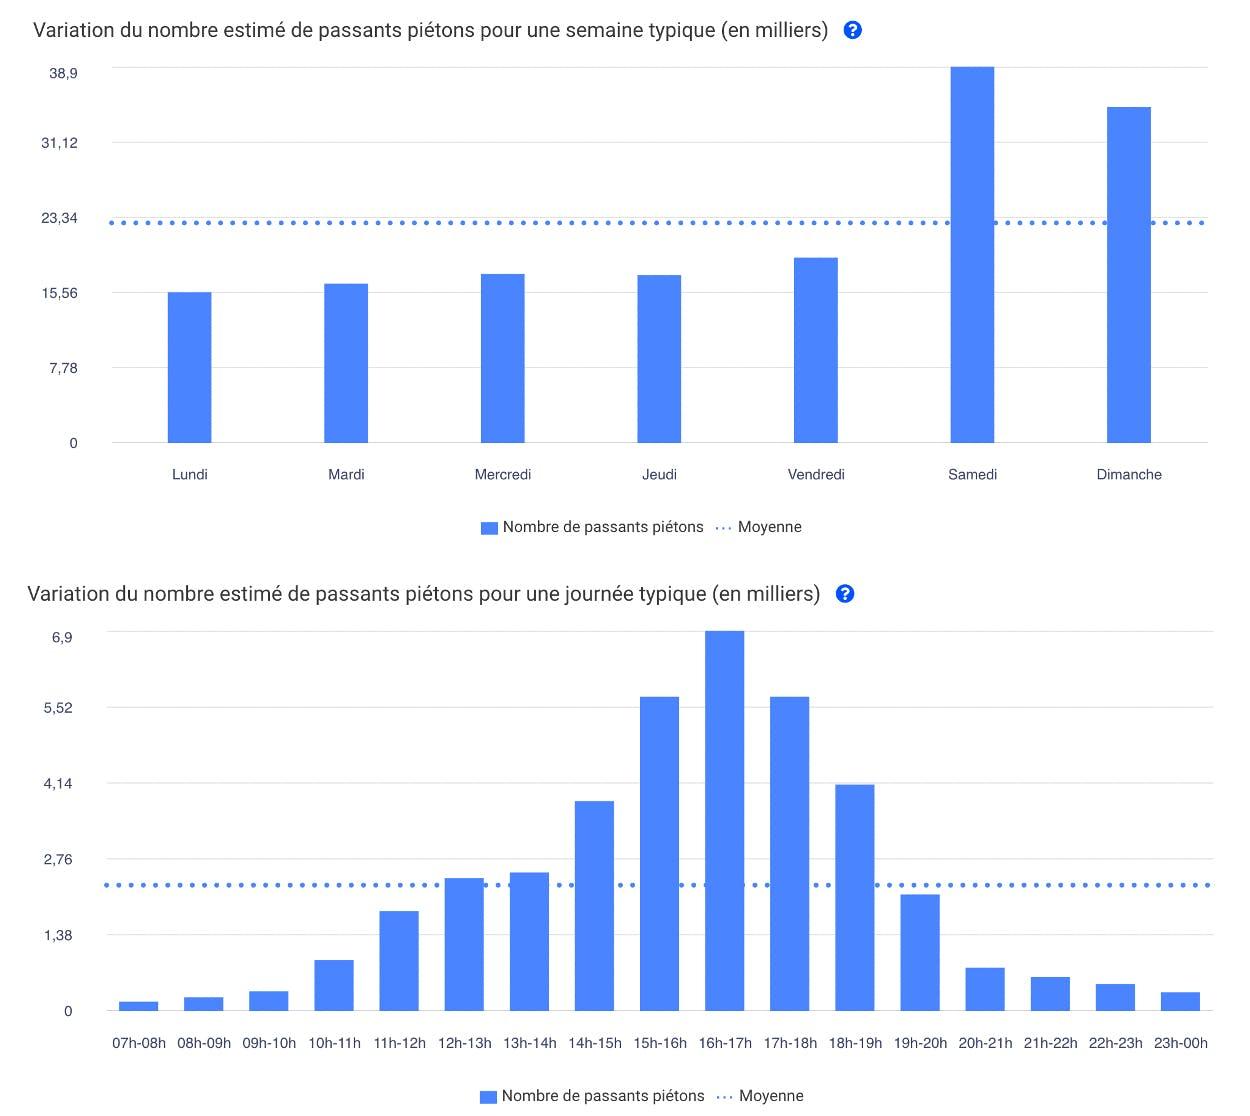 Deux graphiques représentant le nombre de passants sur une semaine en fonction du jour et des heures de la journée.